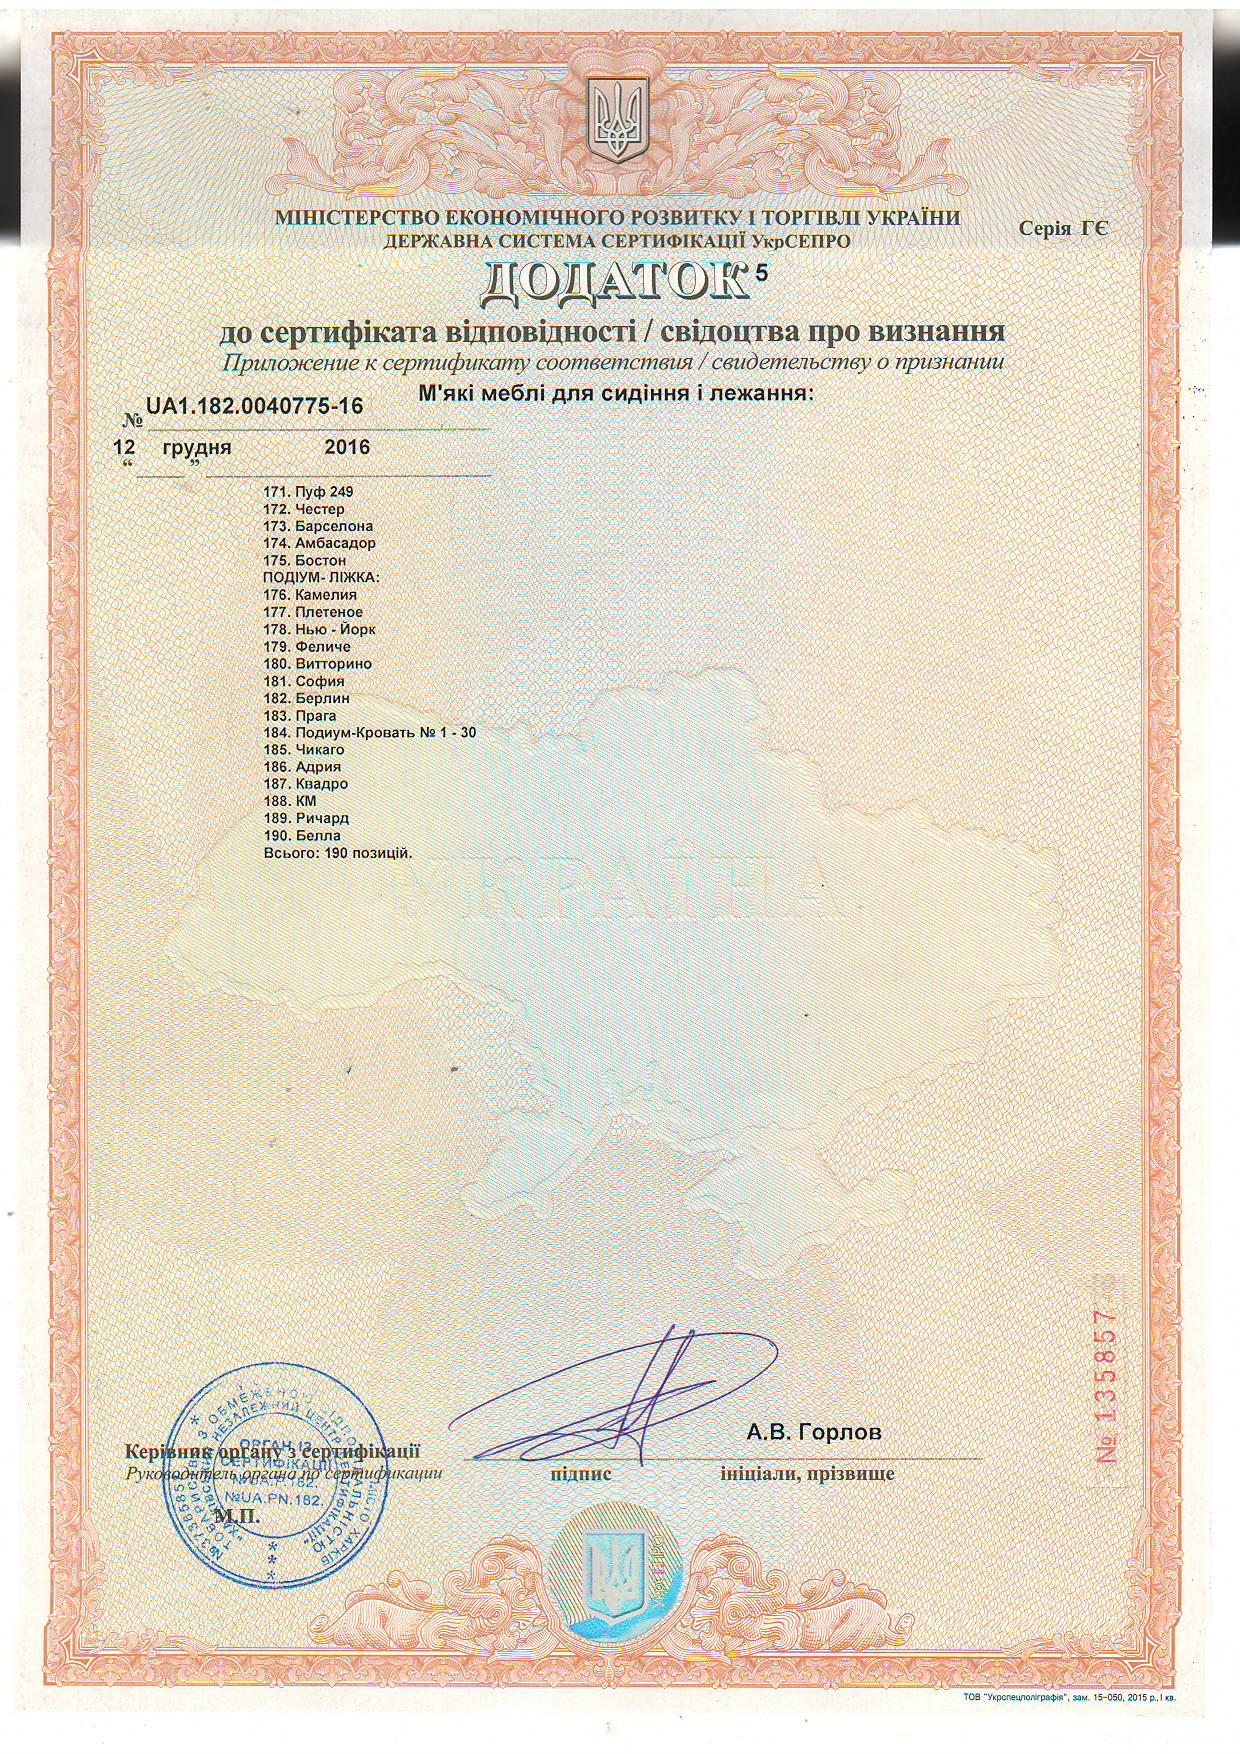 Дополнение 5 к Сертификату качества мягкой мебели МатроЛюкс.